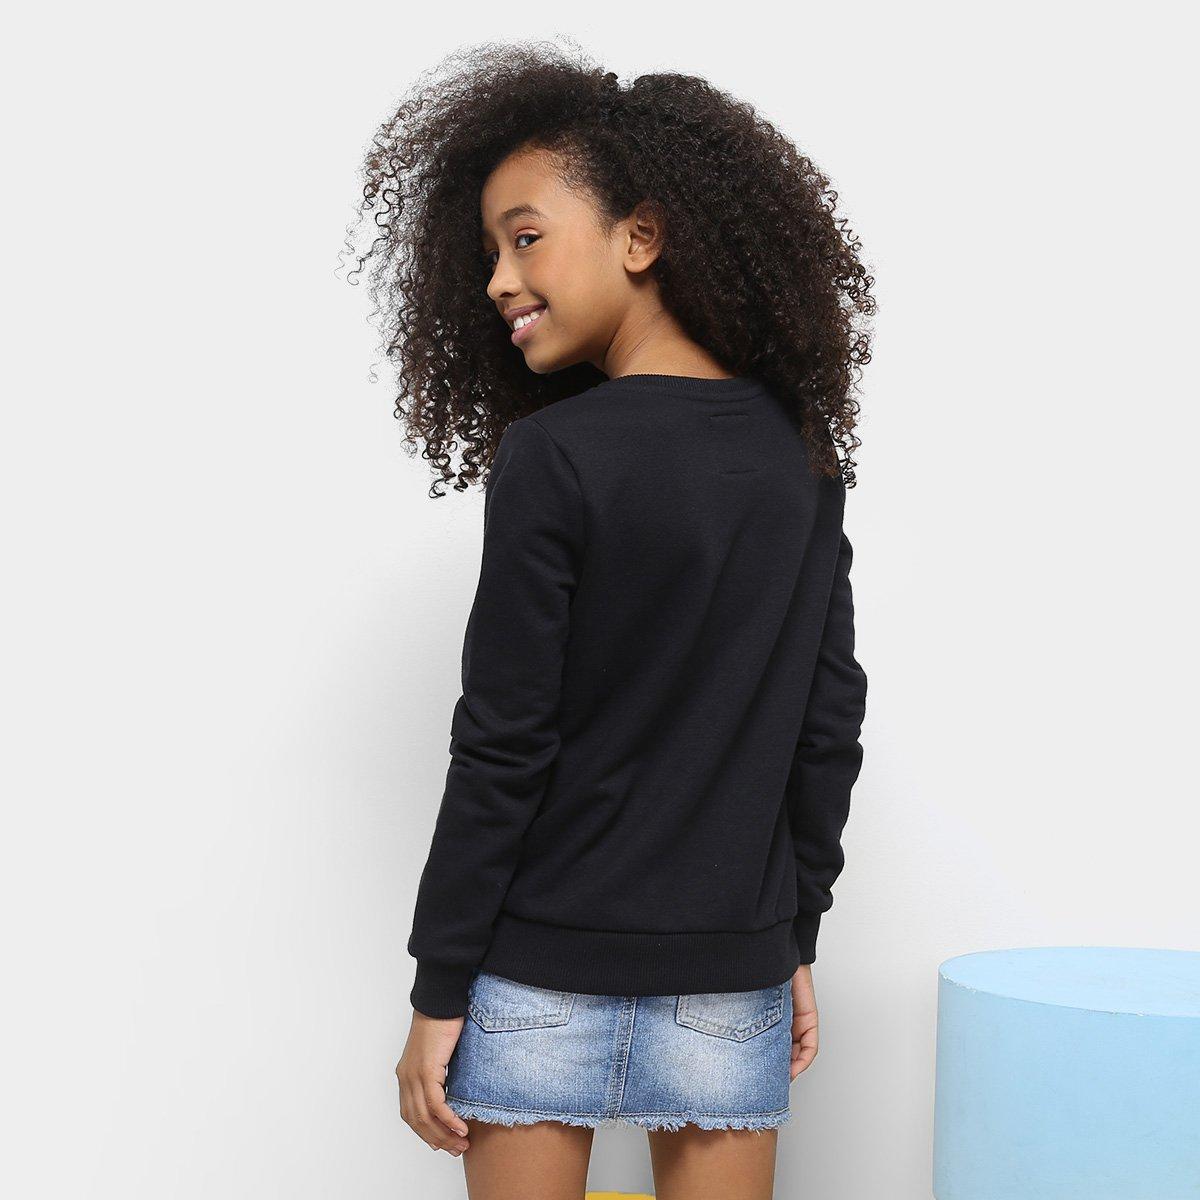 Blusa Blusa Colcci Preto De Infantil Feminina Moletom Estampada De dw5f5qRaxp